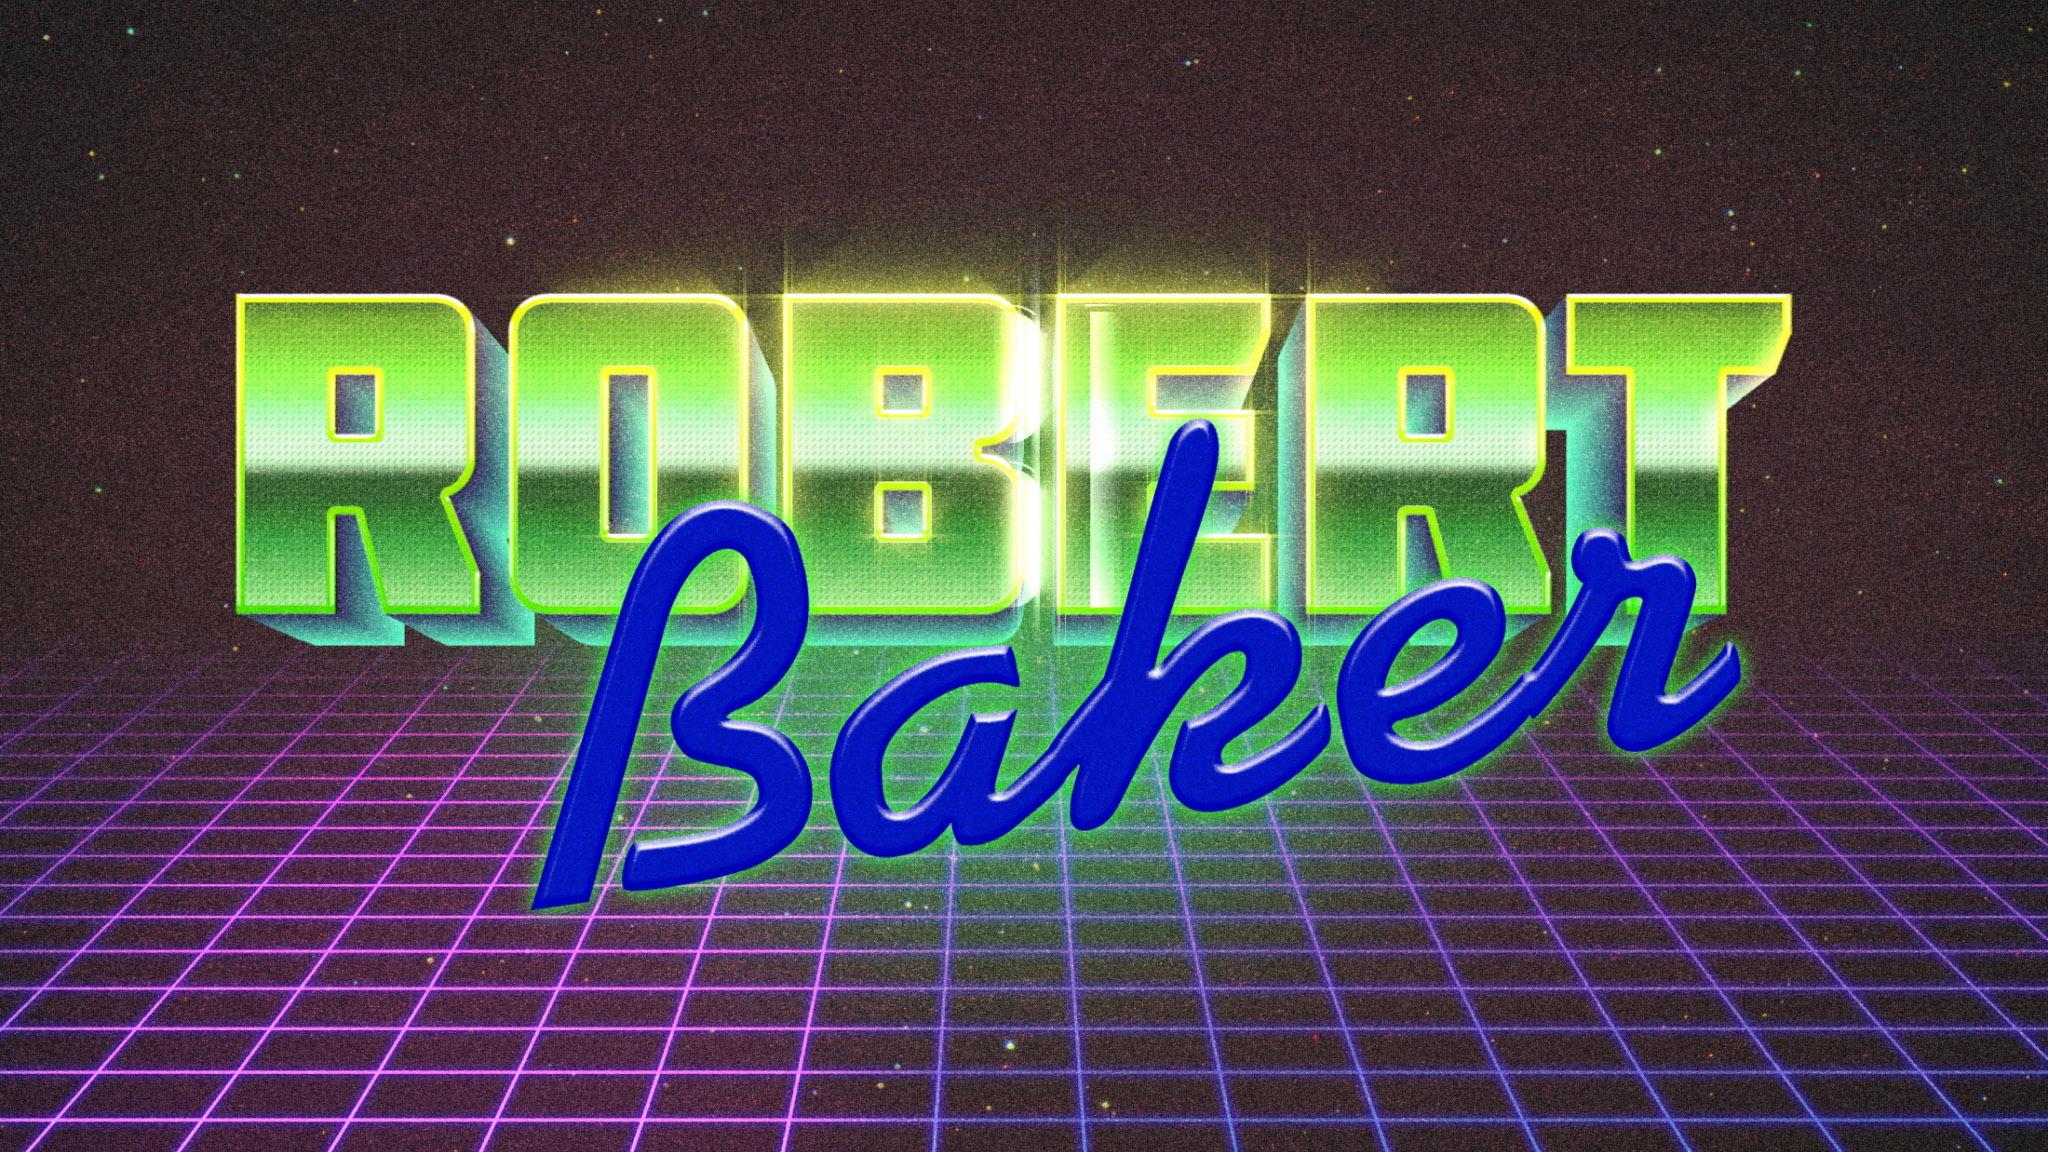 Robert_Baker_02